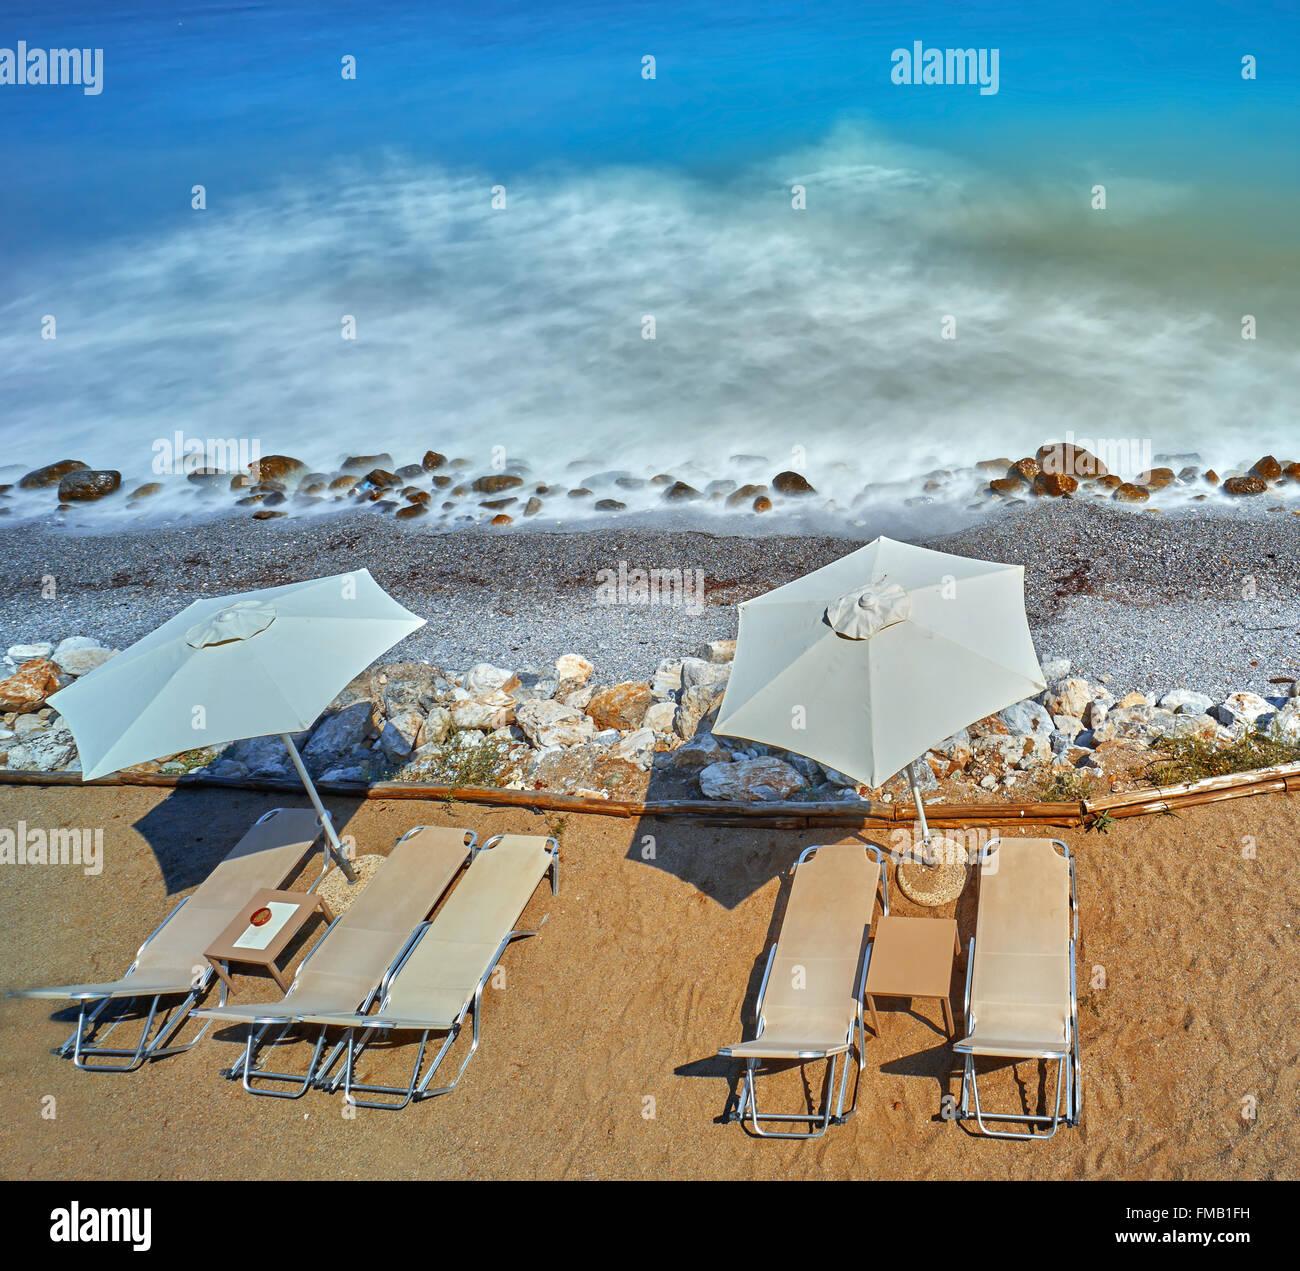 Küstenlandschaft mit Sandstrand, Sonnenliegen und Sonnenschirmen. Stockbild